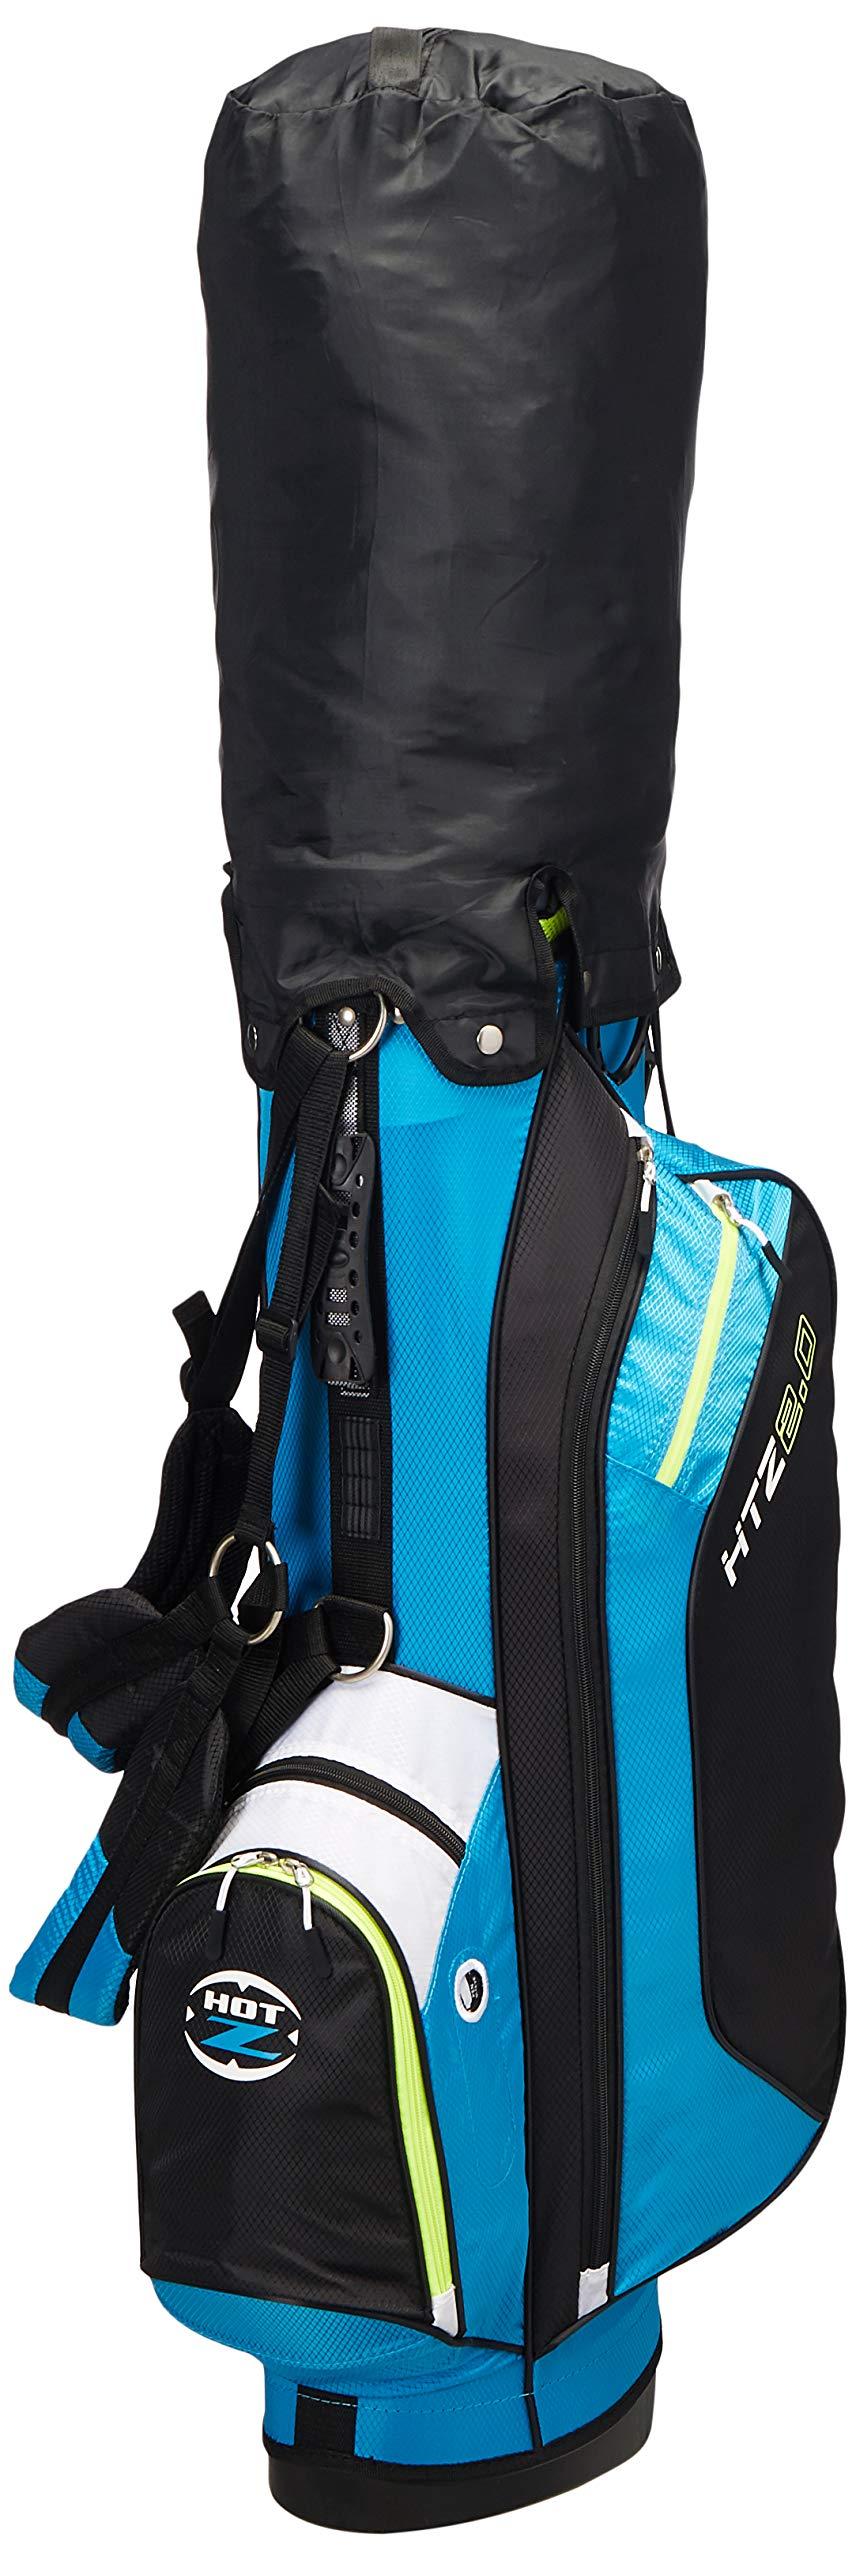 Hot-Z 2017 Golf 2.0 Stand Bag, Caribbean Blue